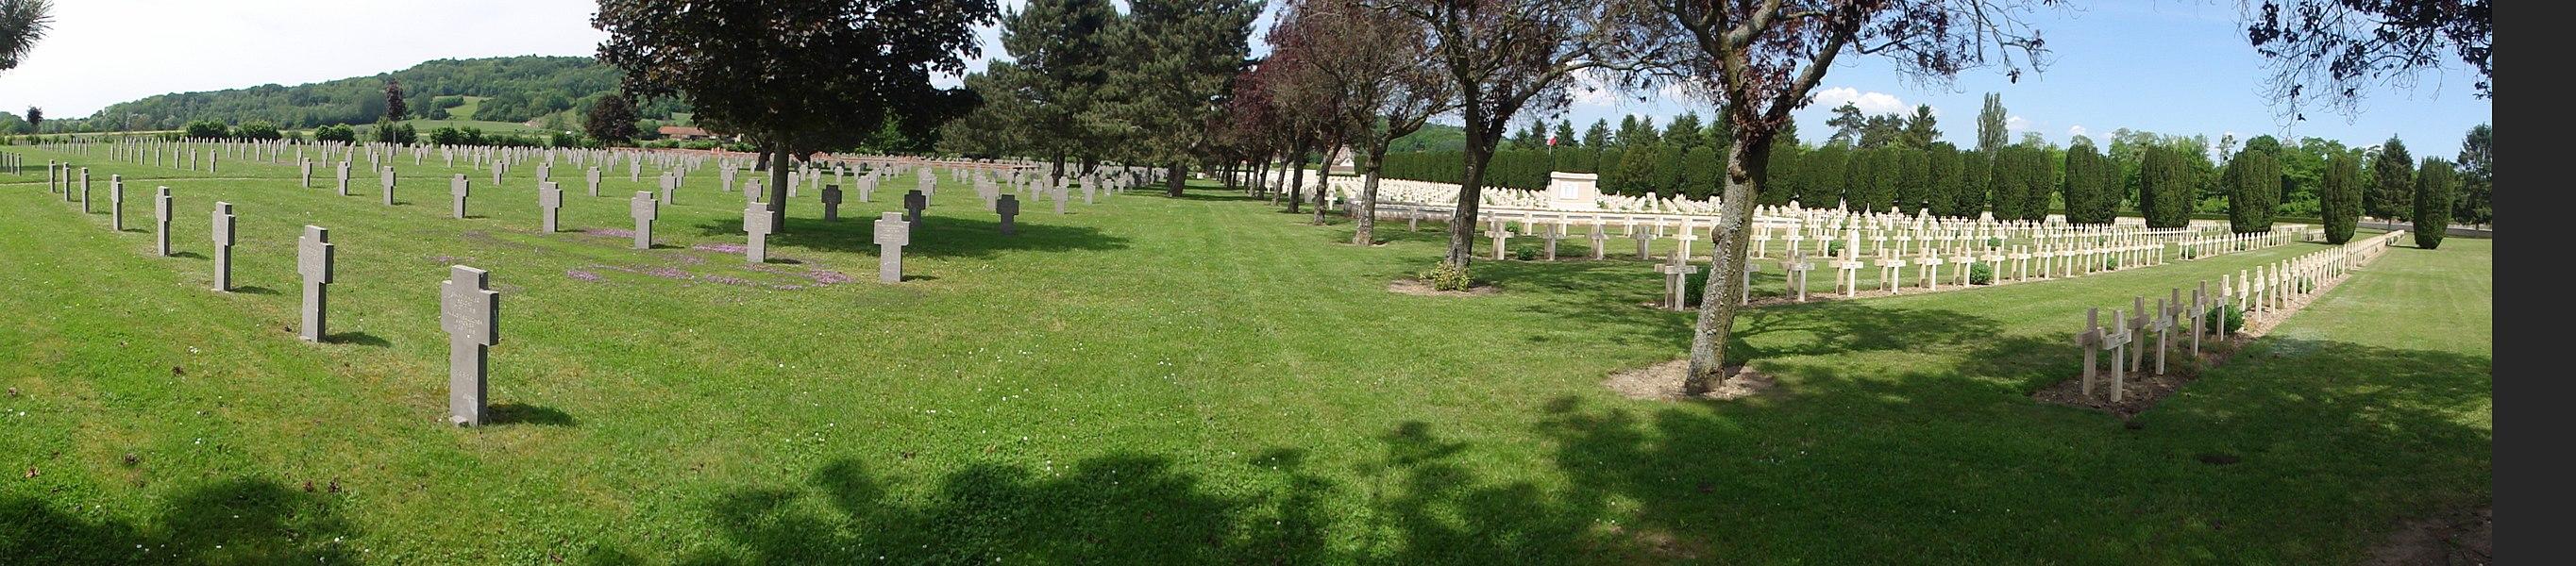 Necropole nationale de Soupir (Aisne) panorama par mouvement camera, à gauche: section allemande; à droite section française